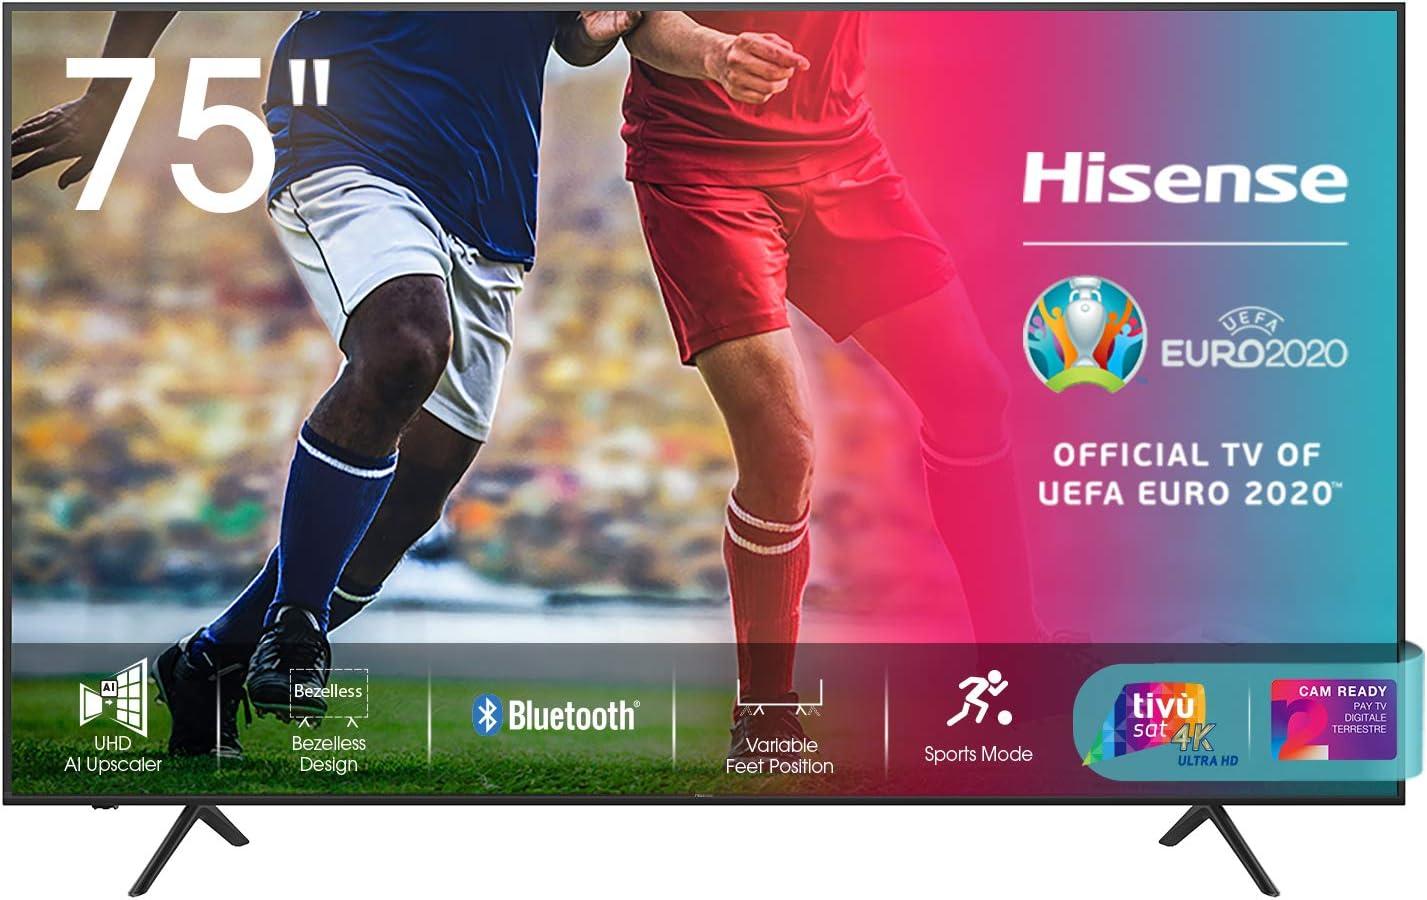 Hisense Tv LED 75 pollici modello: 75AE7010F